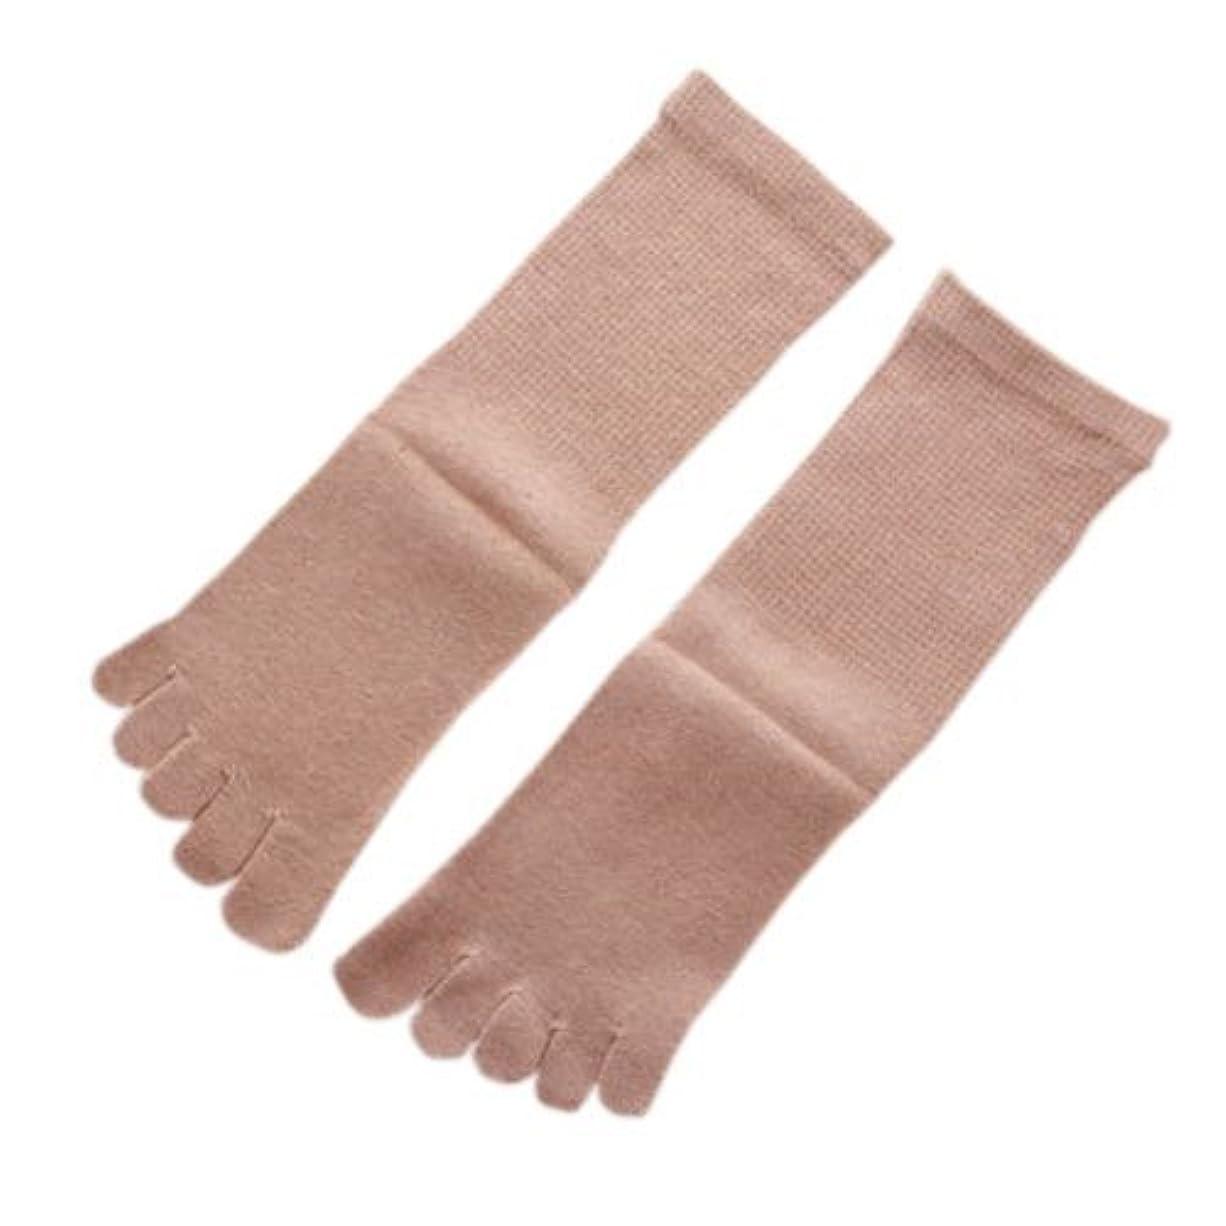 動かない登る従事したオーガニックコットン 五本指ソックスシルク混L(25-27cm) ブラウン:履くだけで足のつぼをマッサージし、むくみや疲れを軽減します。